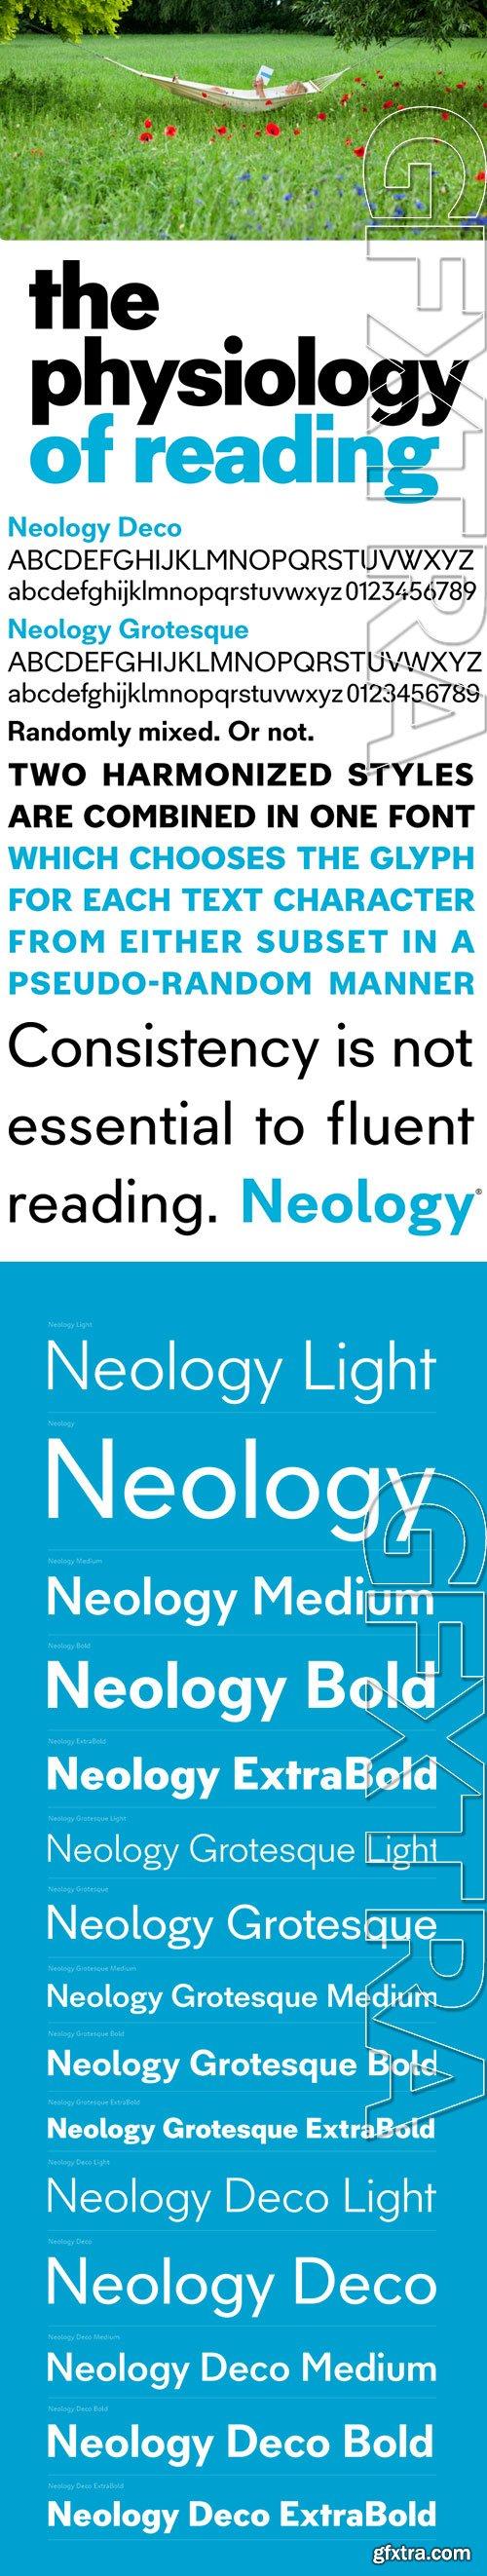 Neology - Designed for Fluent Reading 15xOTF $199